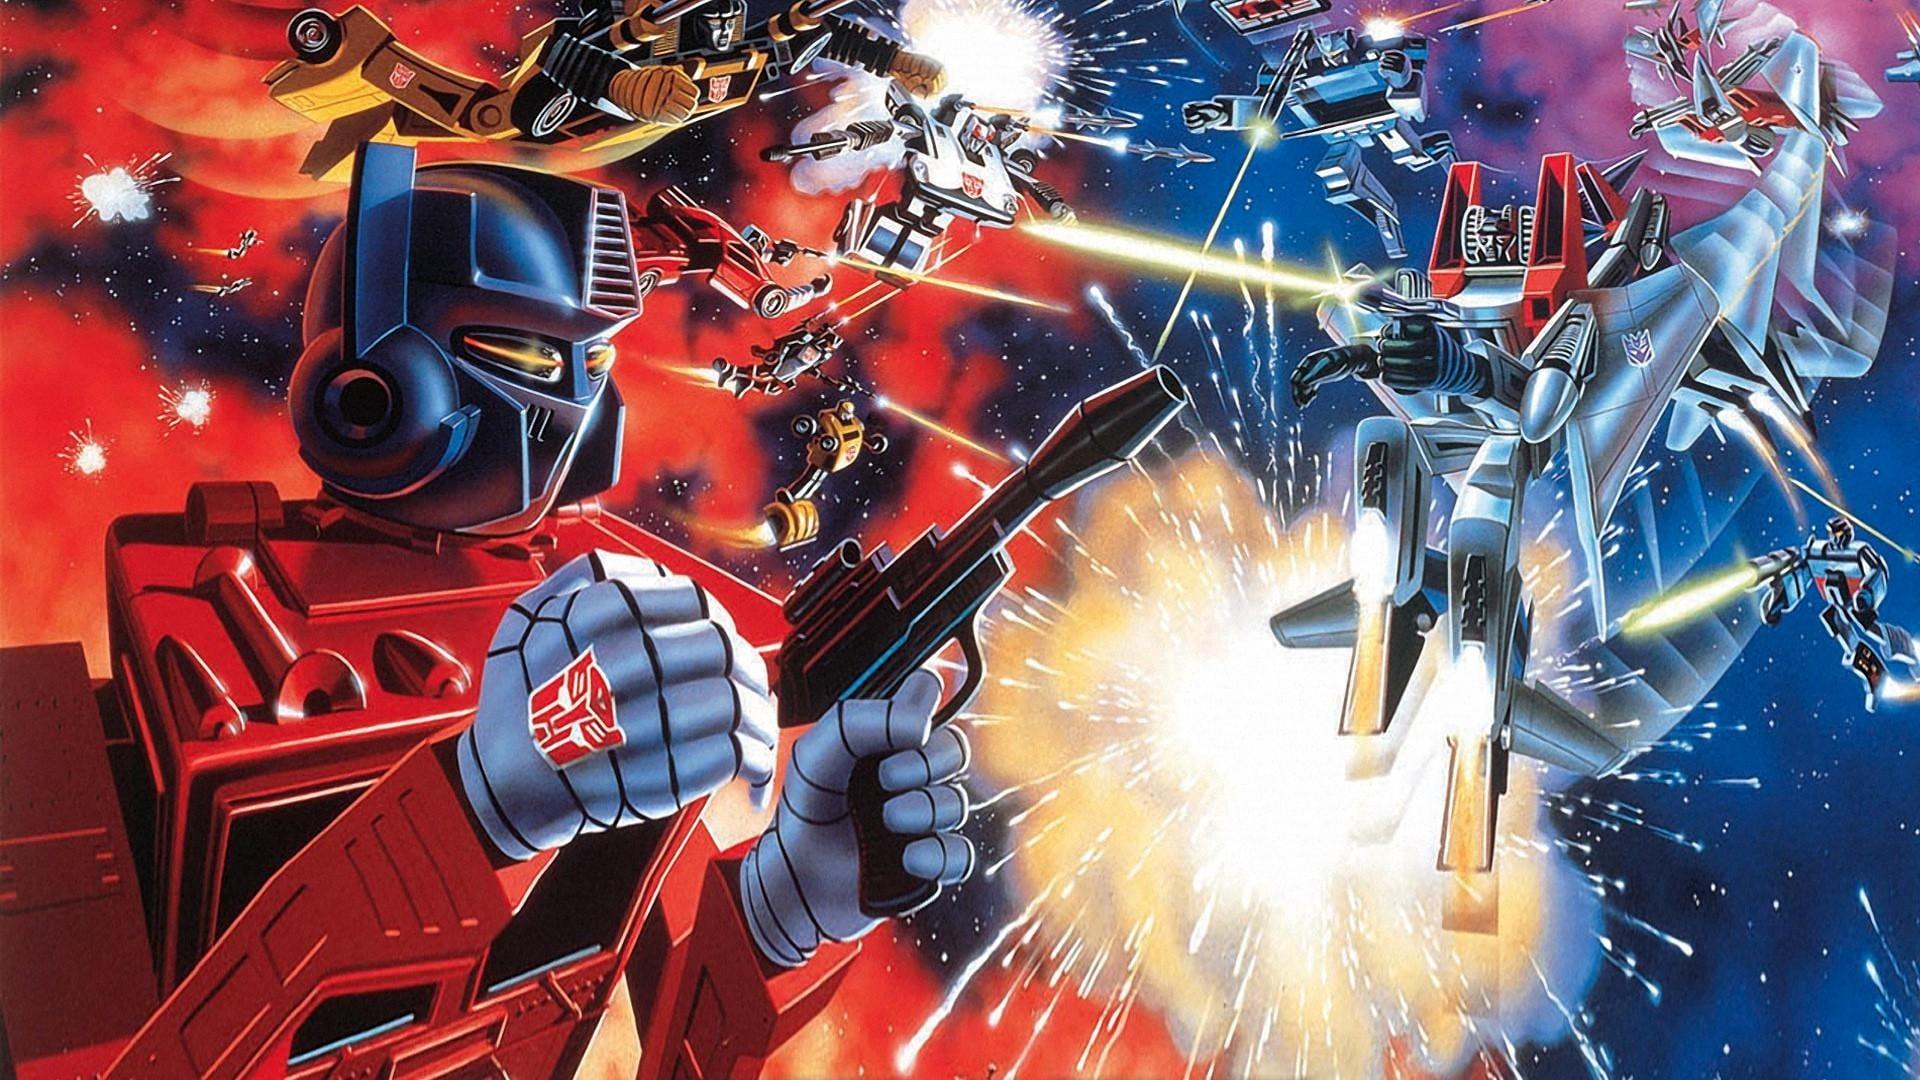 Les Transformers, le film (1986)